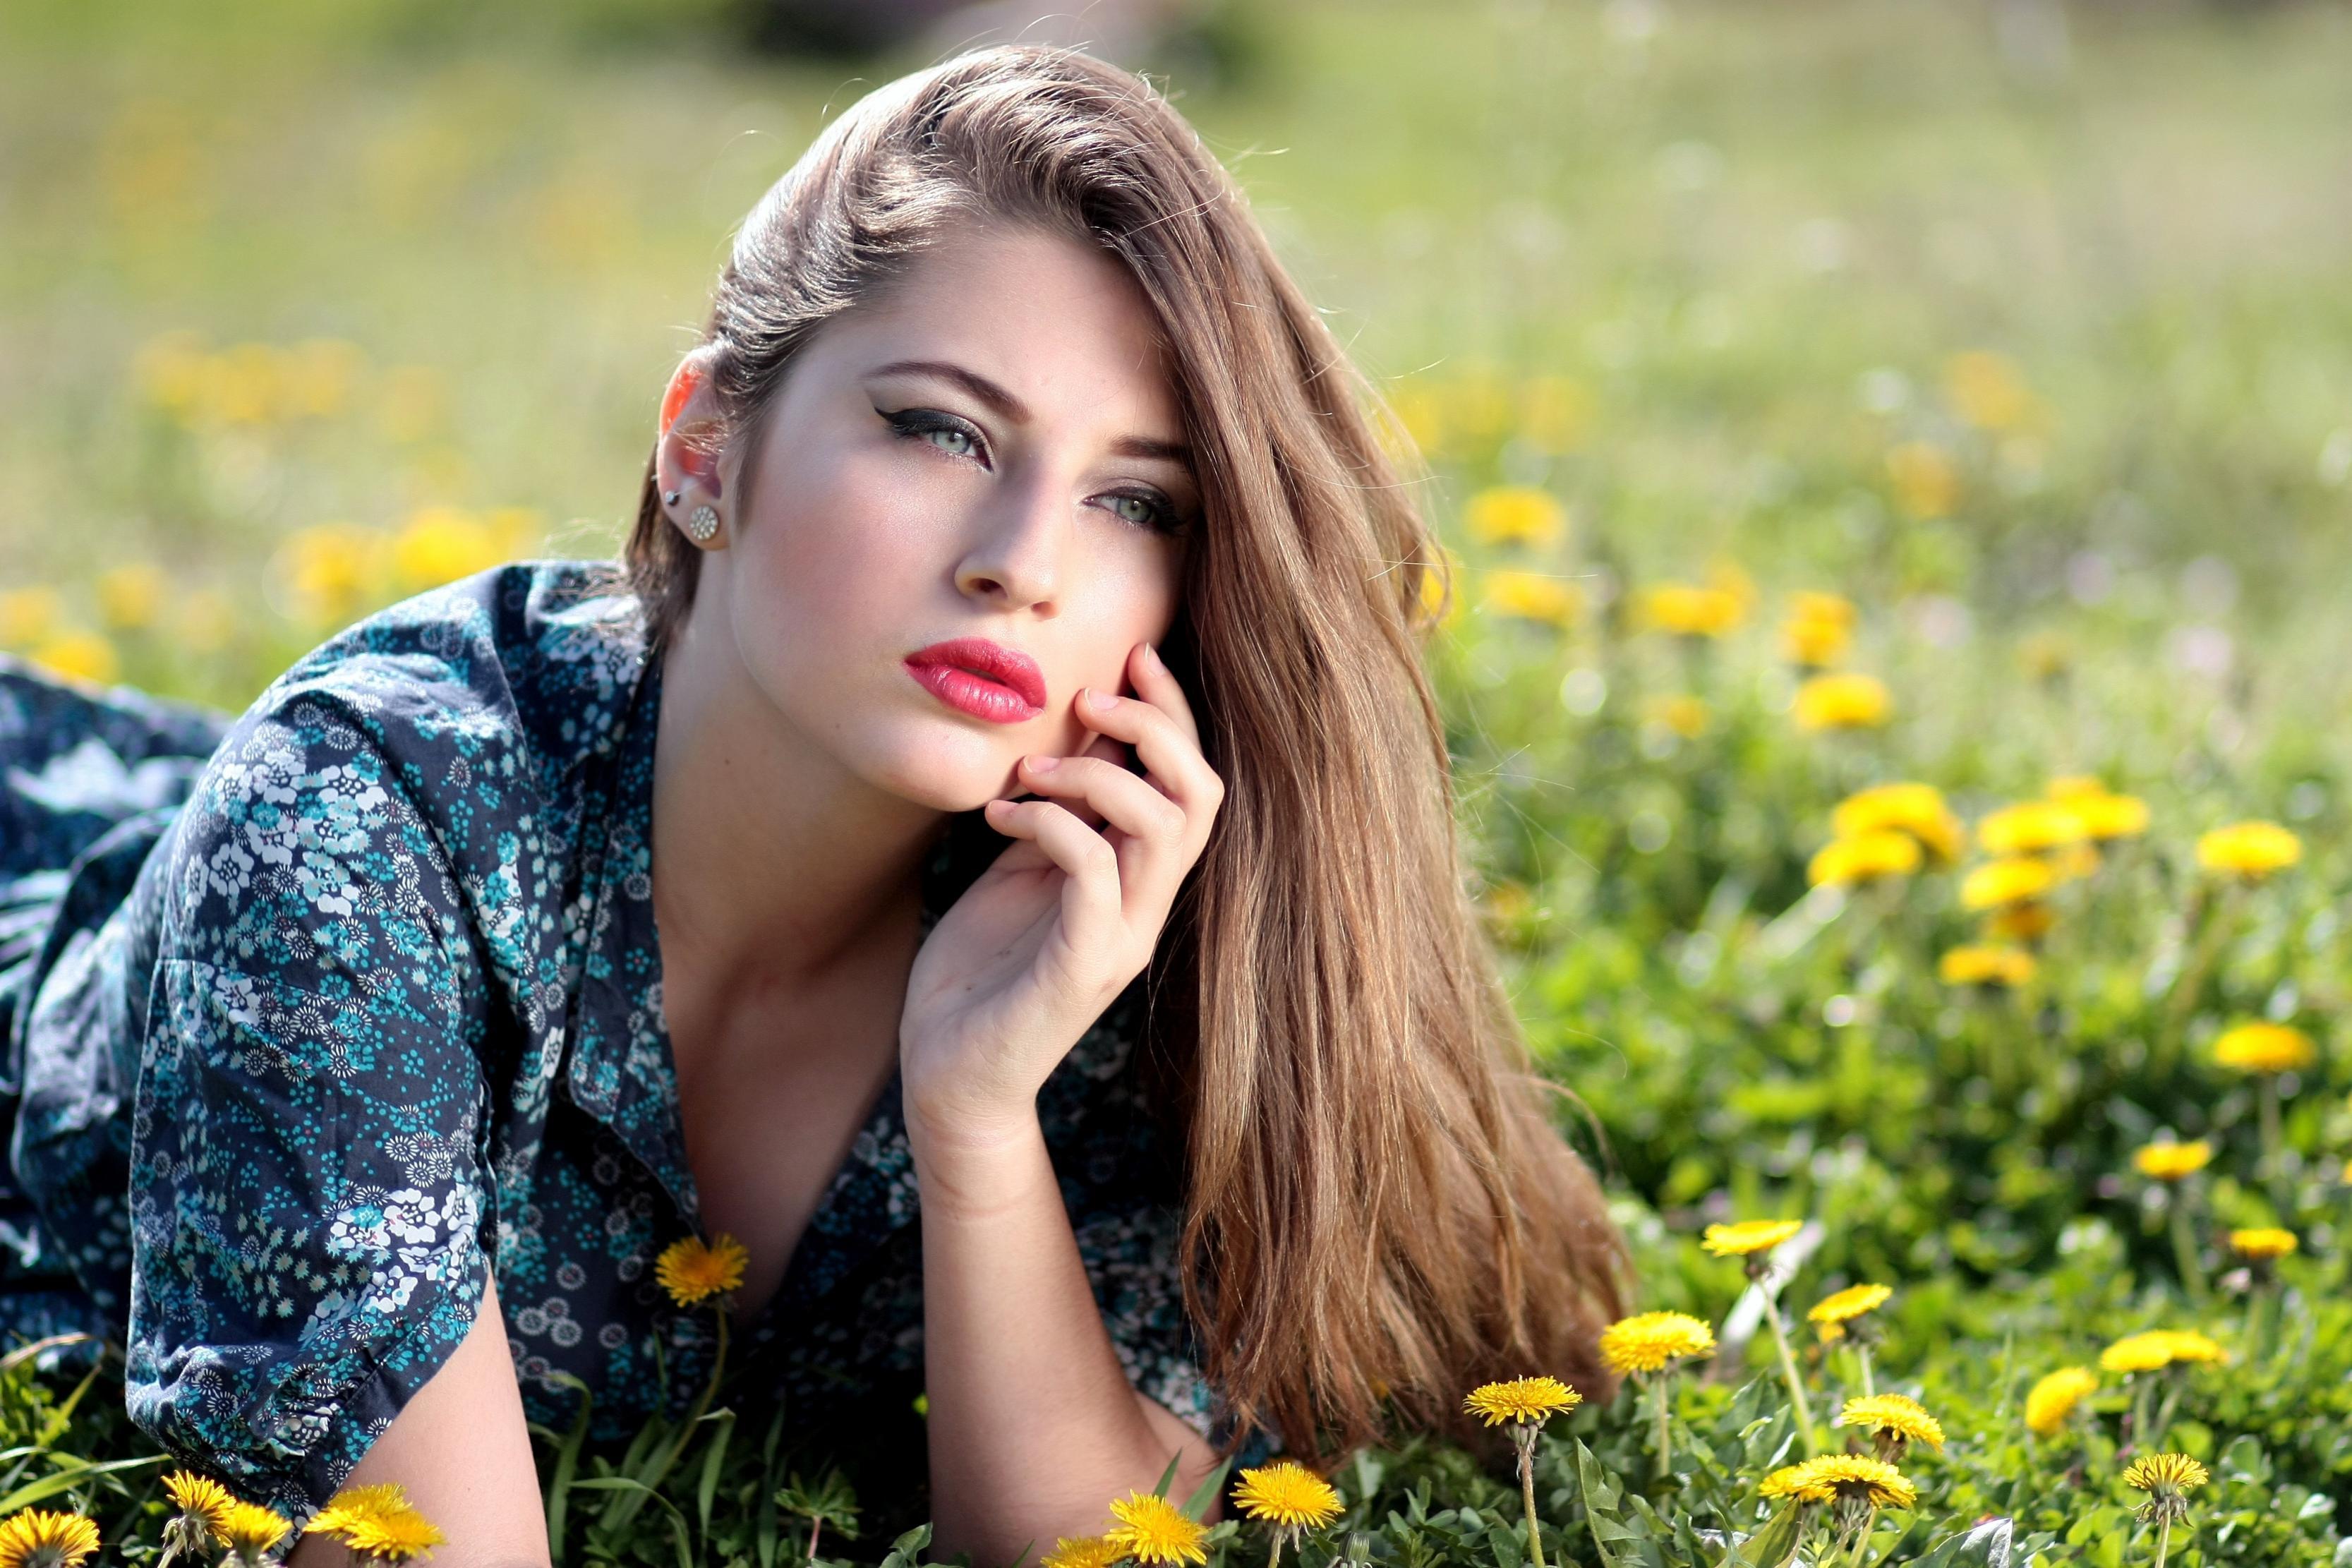 صور صور بنات دلع , بنات جميلات دلوعات